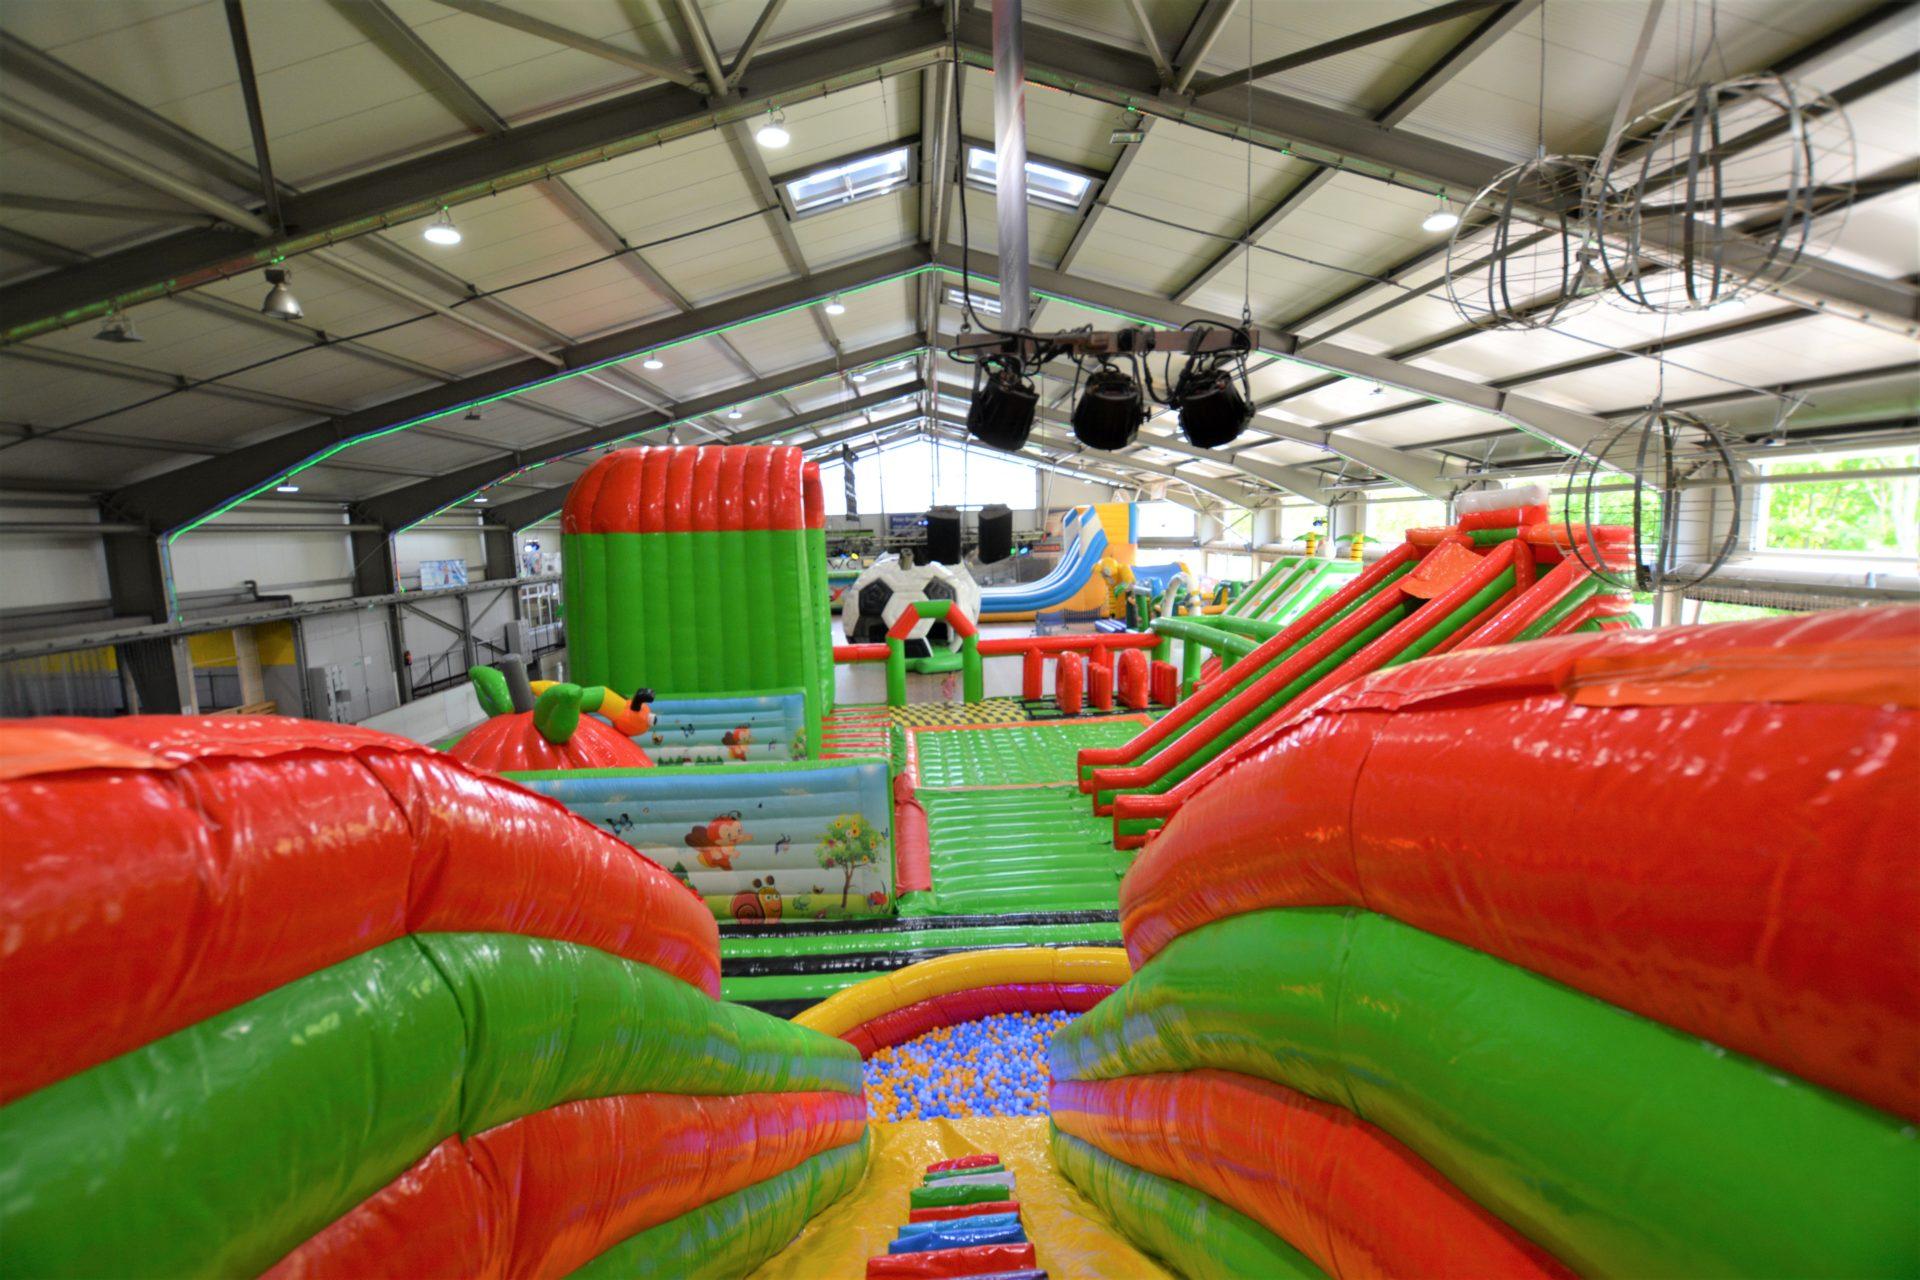 Jump and Fun Hüpfburgenland Eishalle Reutlingen